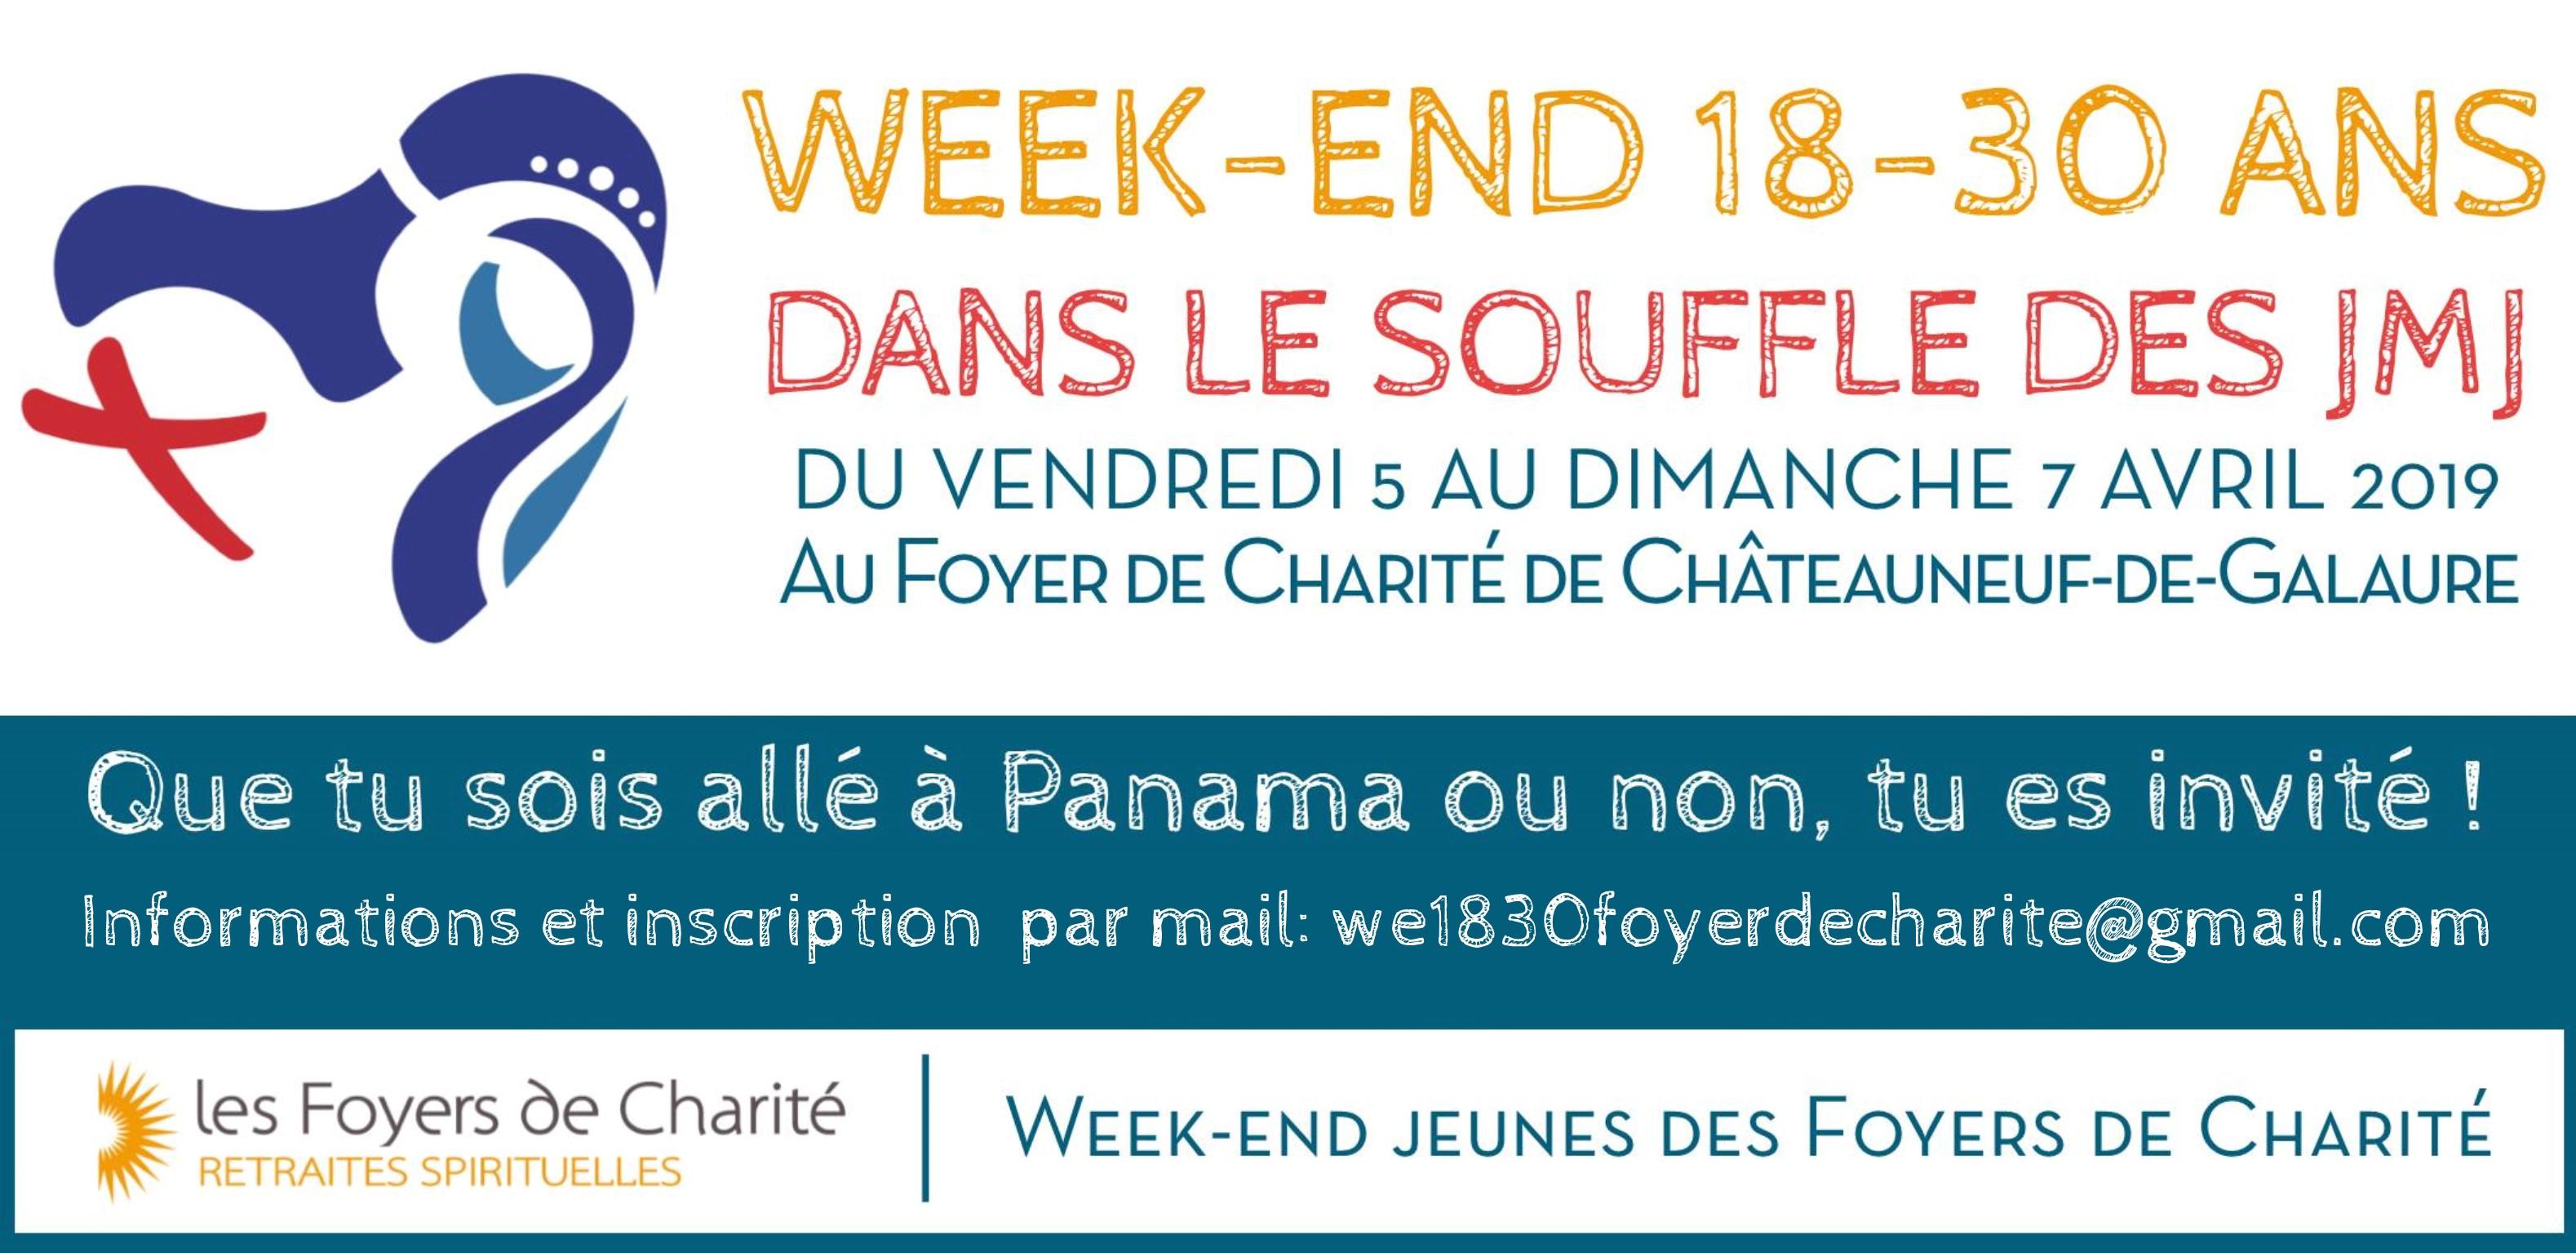 Week-end 18-30 ans dans le souffle des JMJ du 5 au 7 avril 2019 à Châteauneuf-de-Galaure (26)